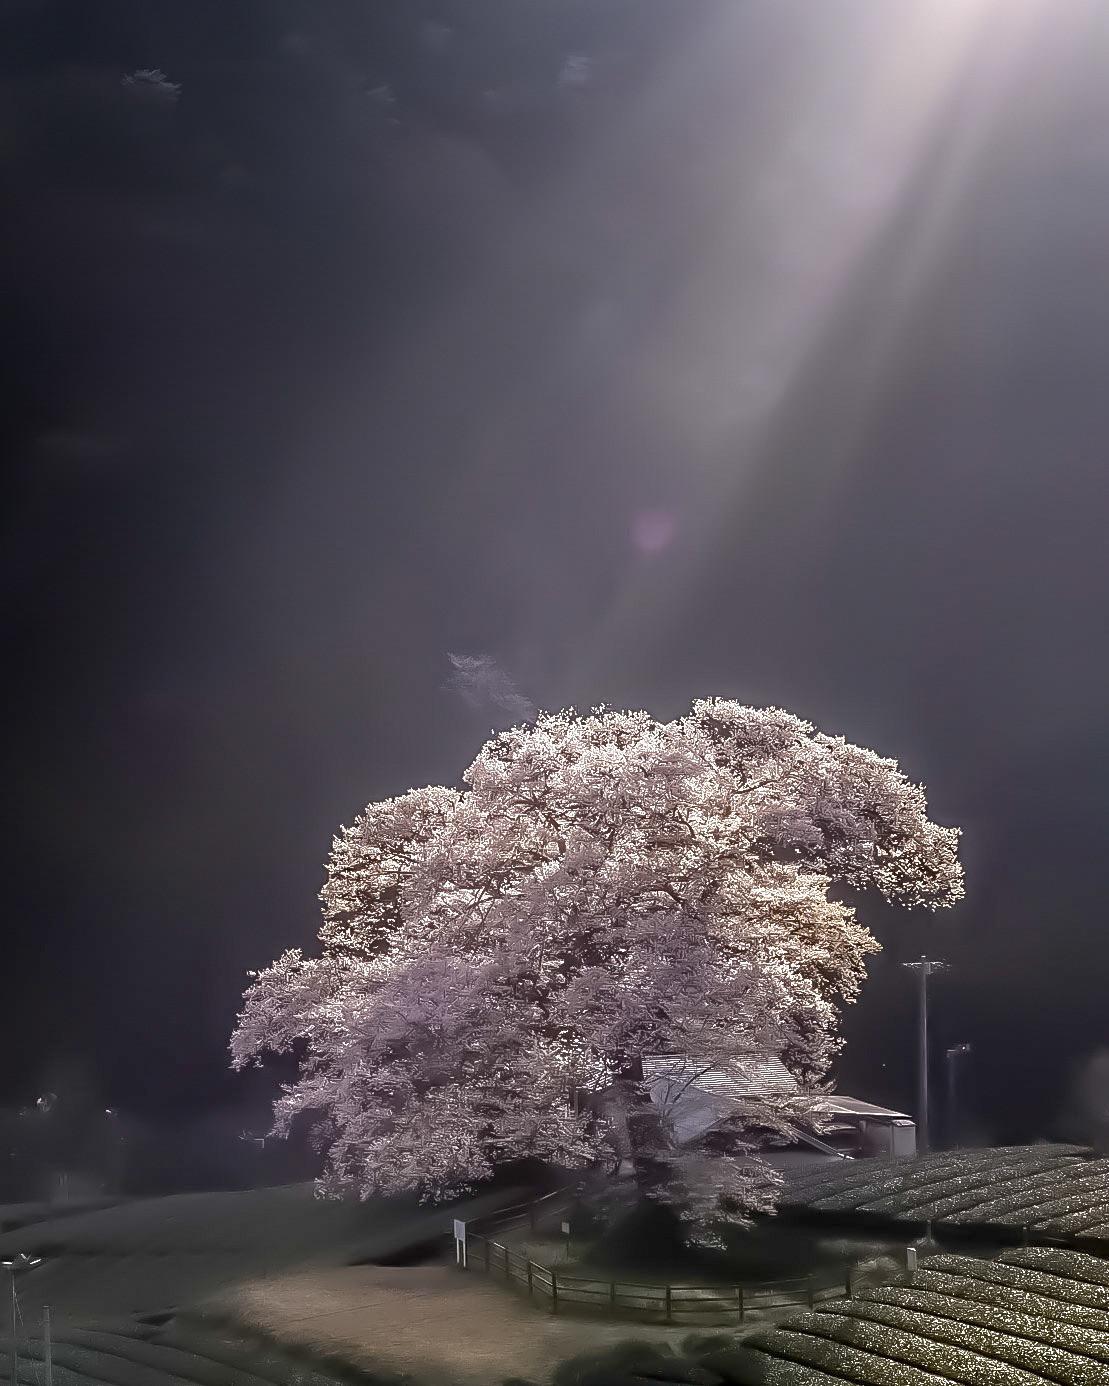 フォトコンテスト「桜」2018審査員賞